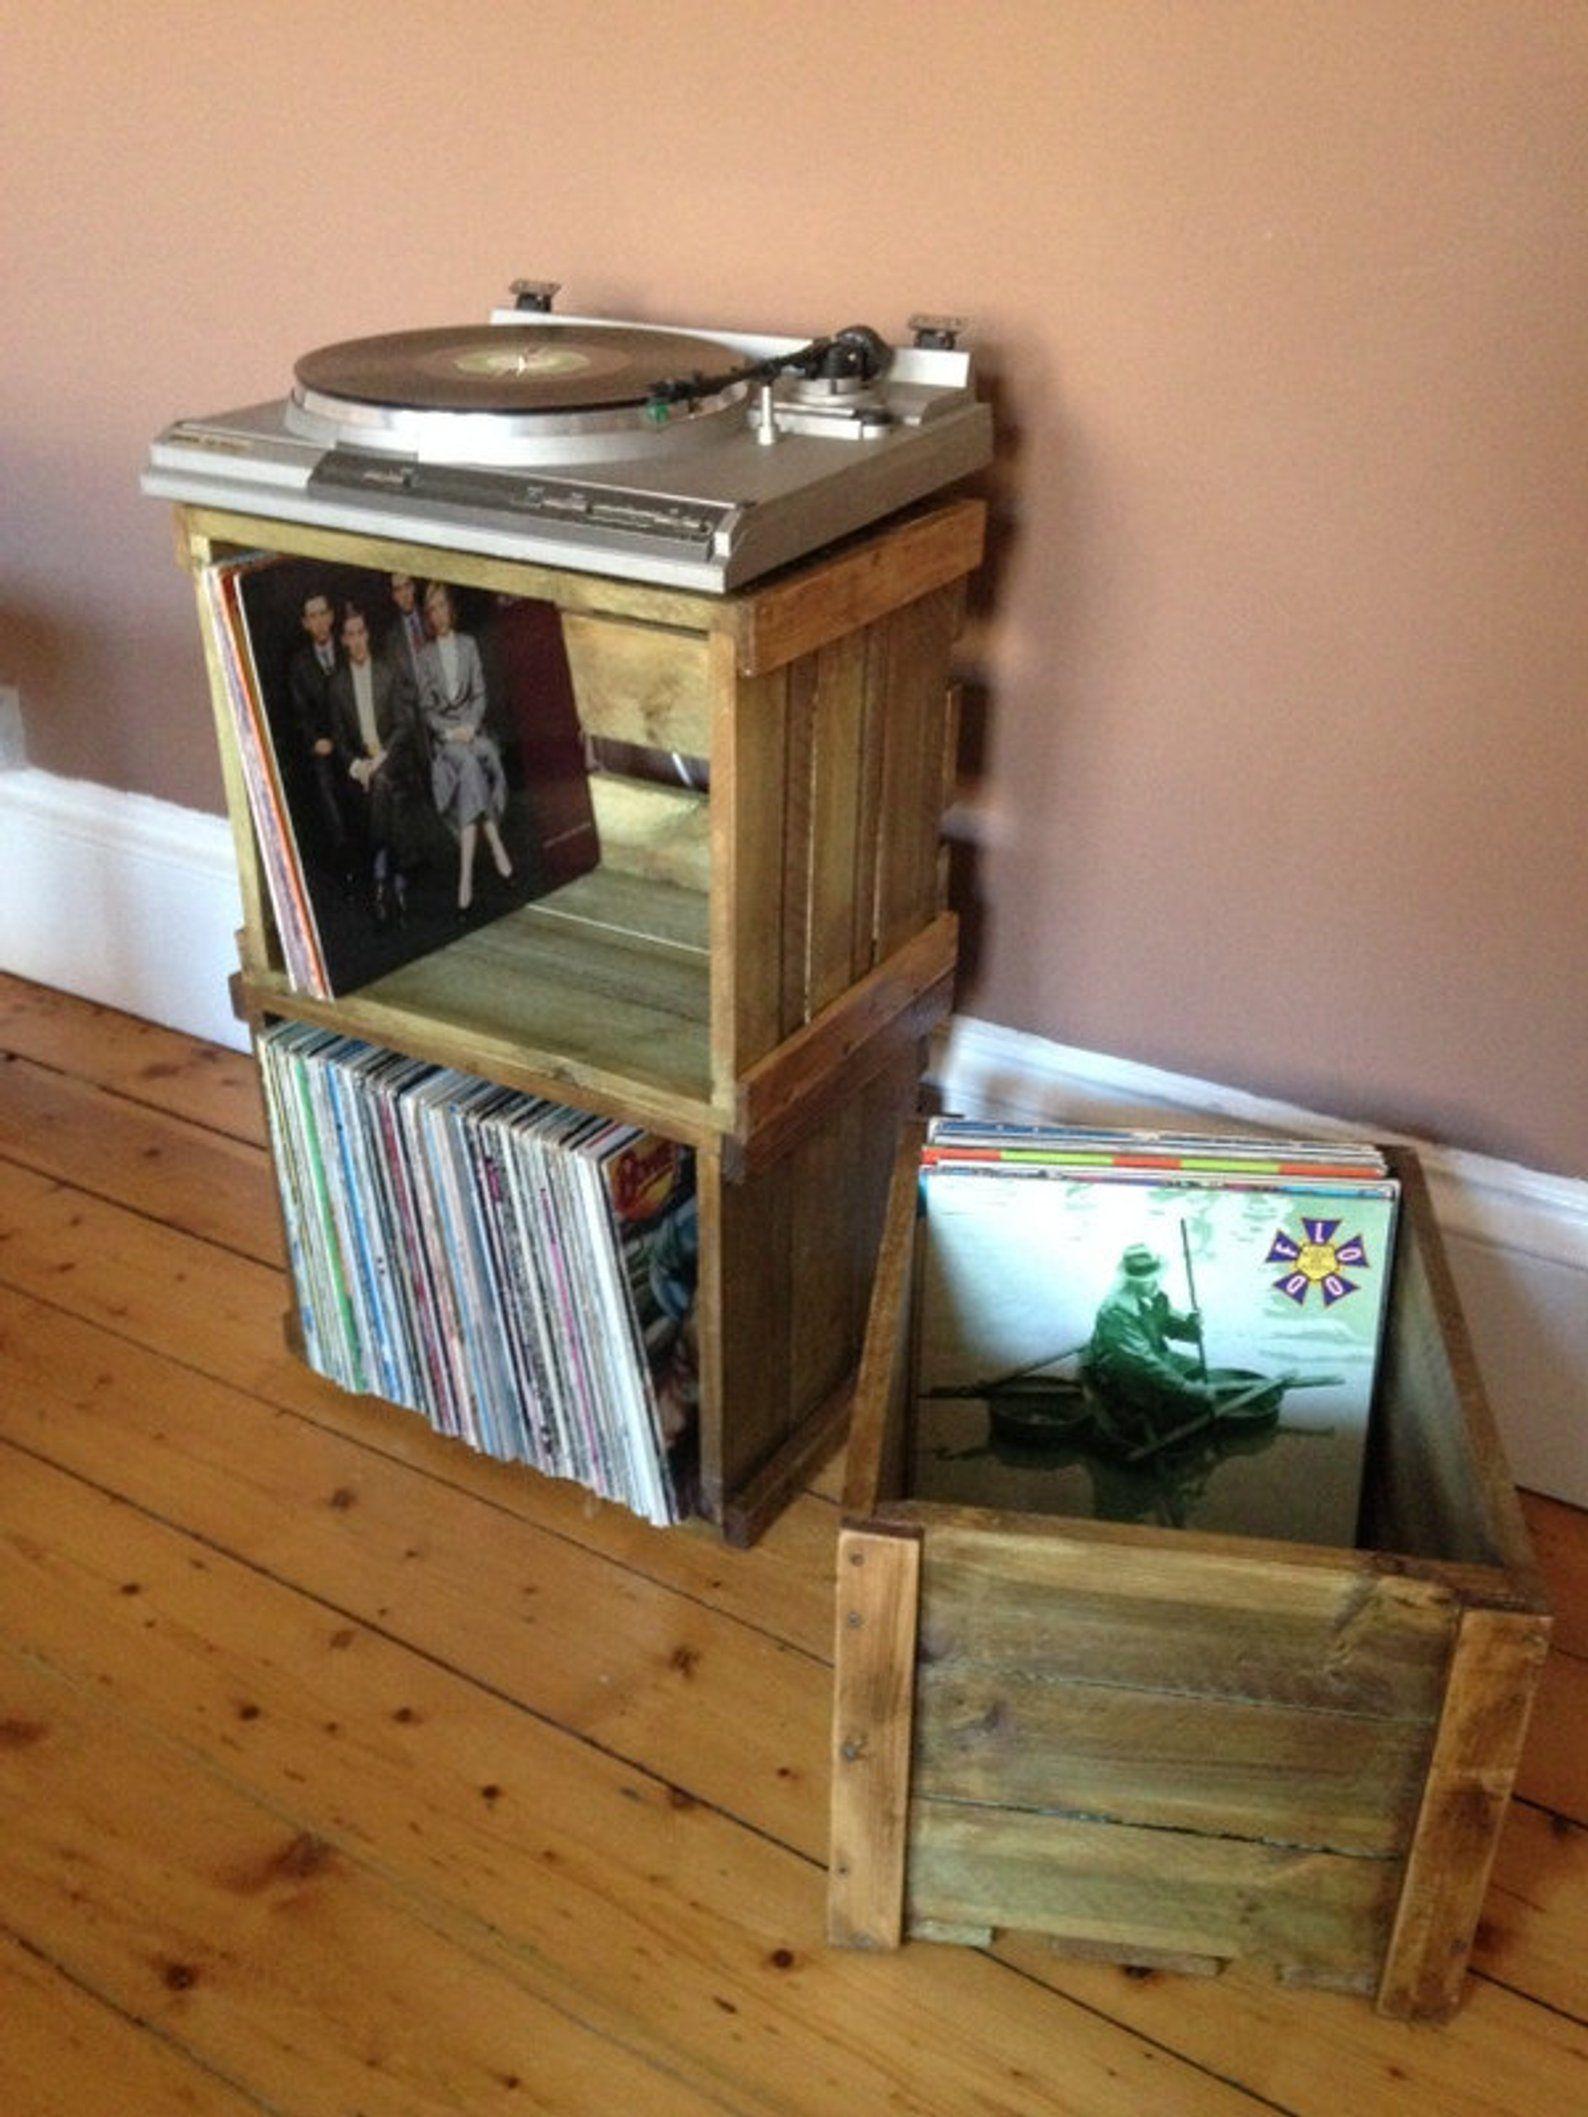 Comment Fabriquer Une Caisse En Bois vinyl record/lp stackable wooden crate for great looking